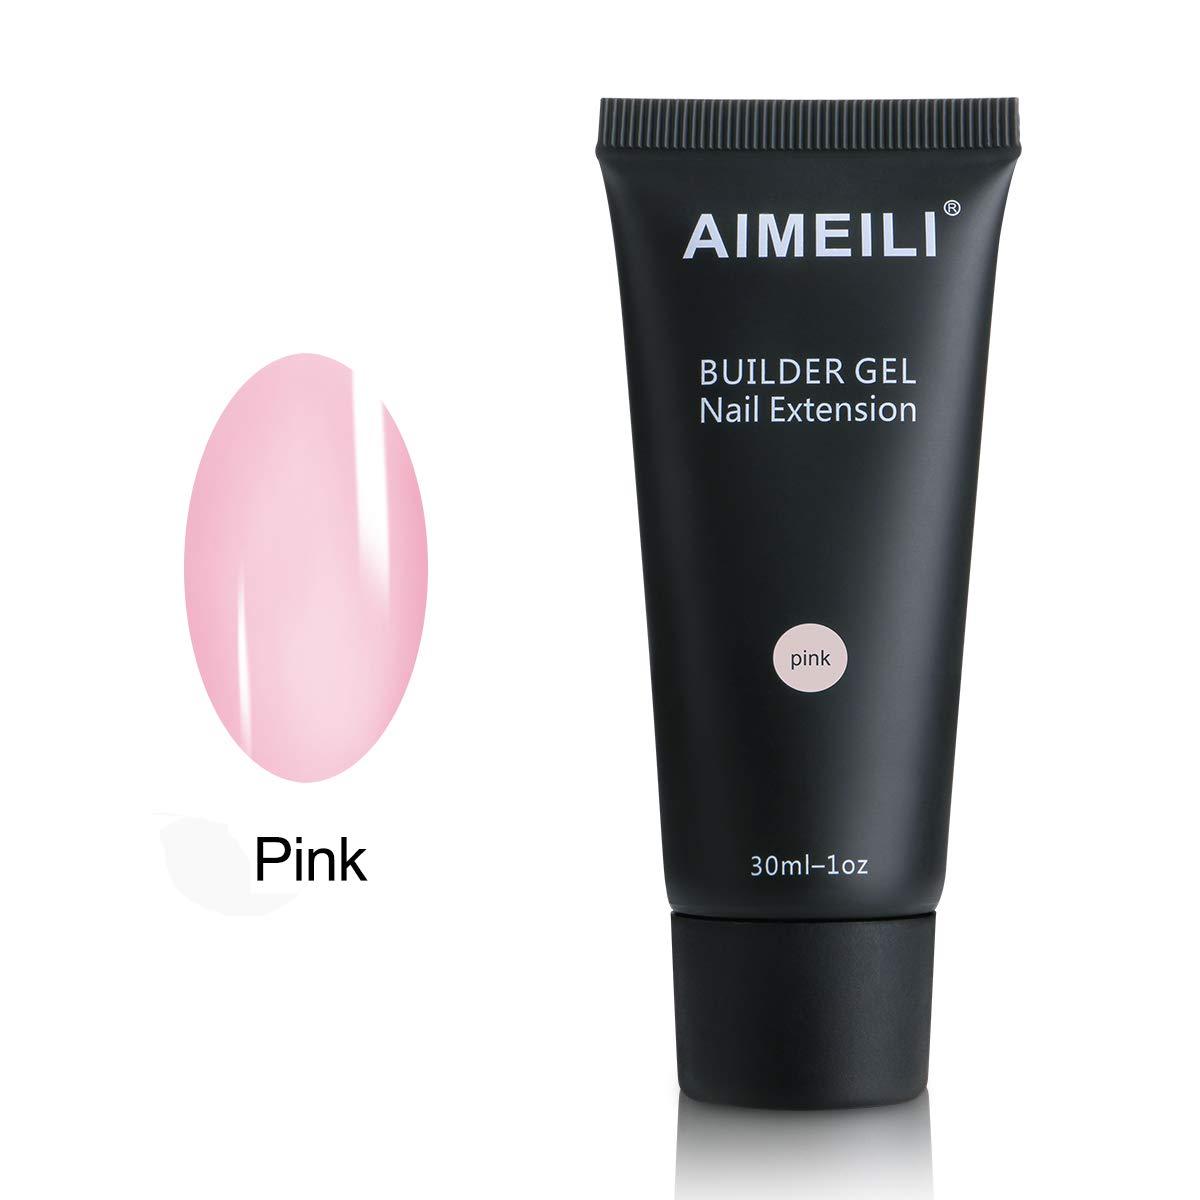 AIMEILI Clear Builder Gel 30ml 1oz Nail Enhancement Nail Extension Tool